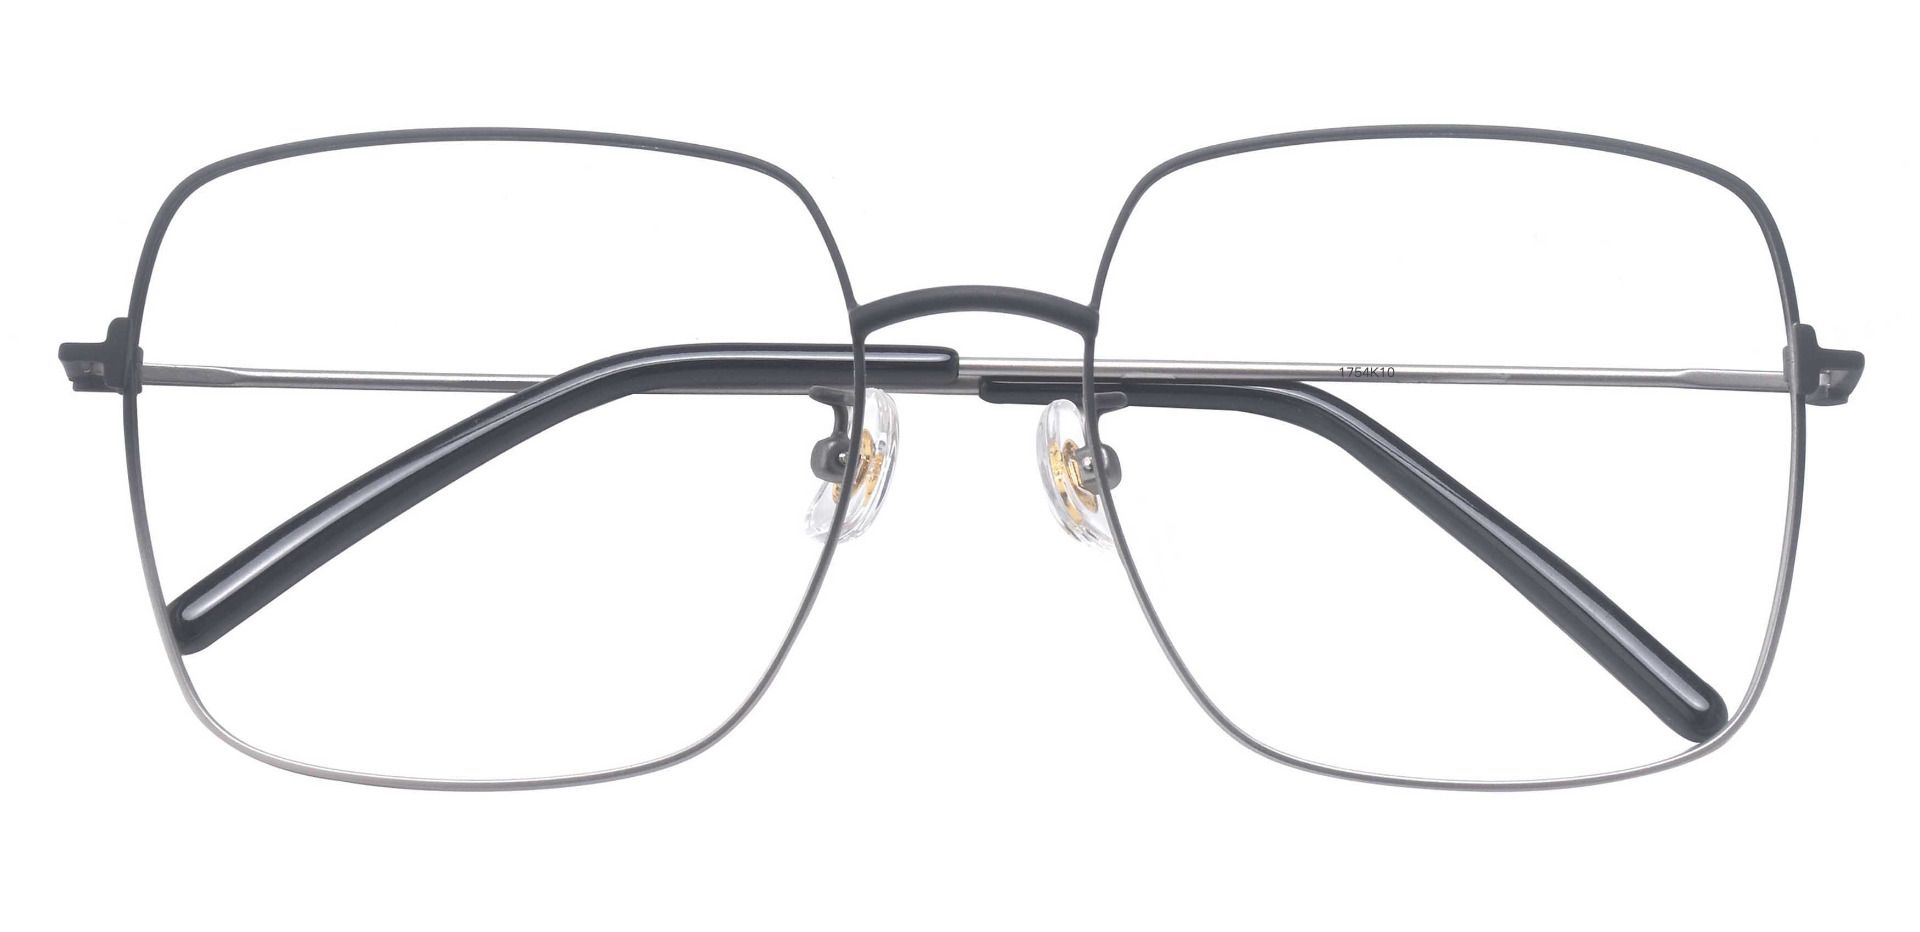 Belleview Square Prescription Glasses - Black